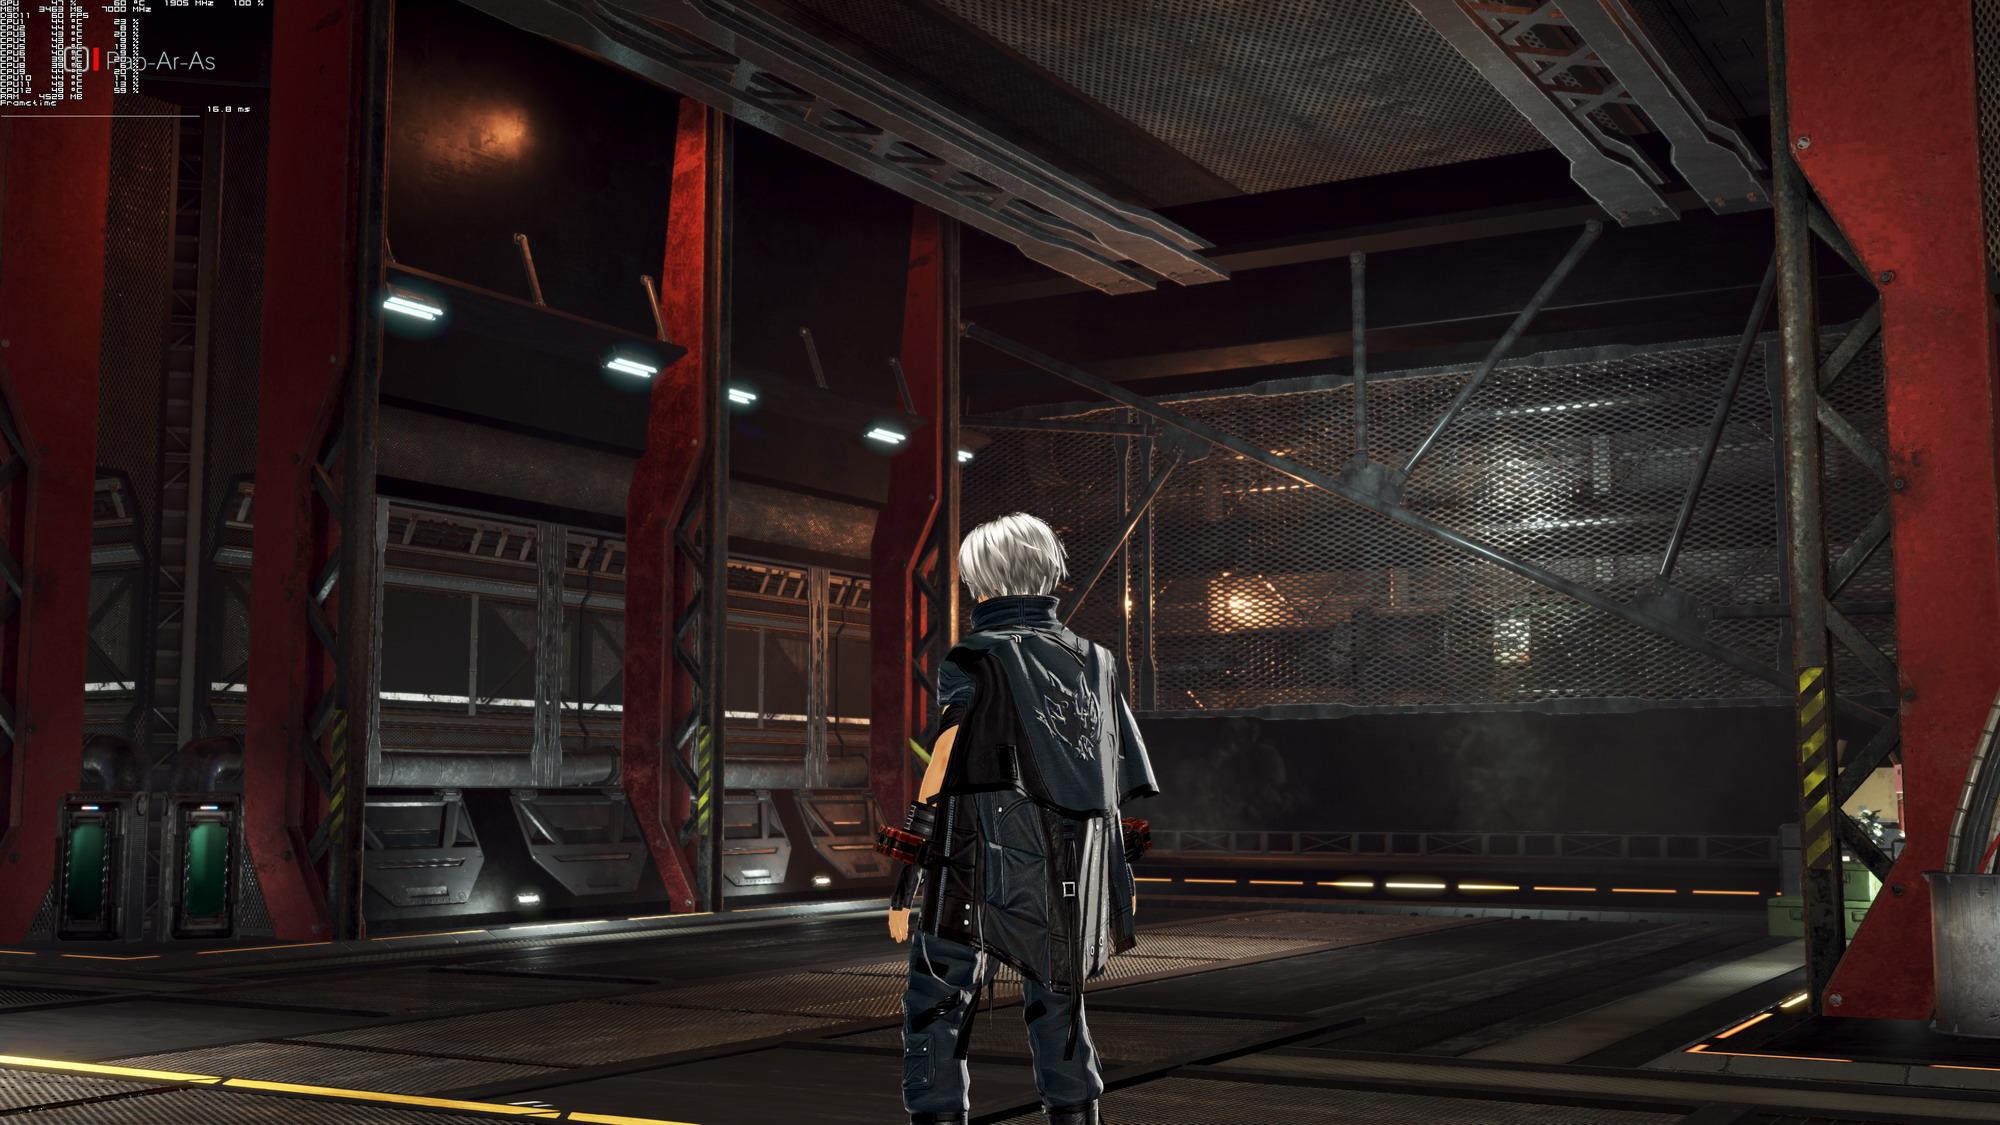 《噬神者3》PC版性能截图 4K最高画质2080Ti无压力